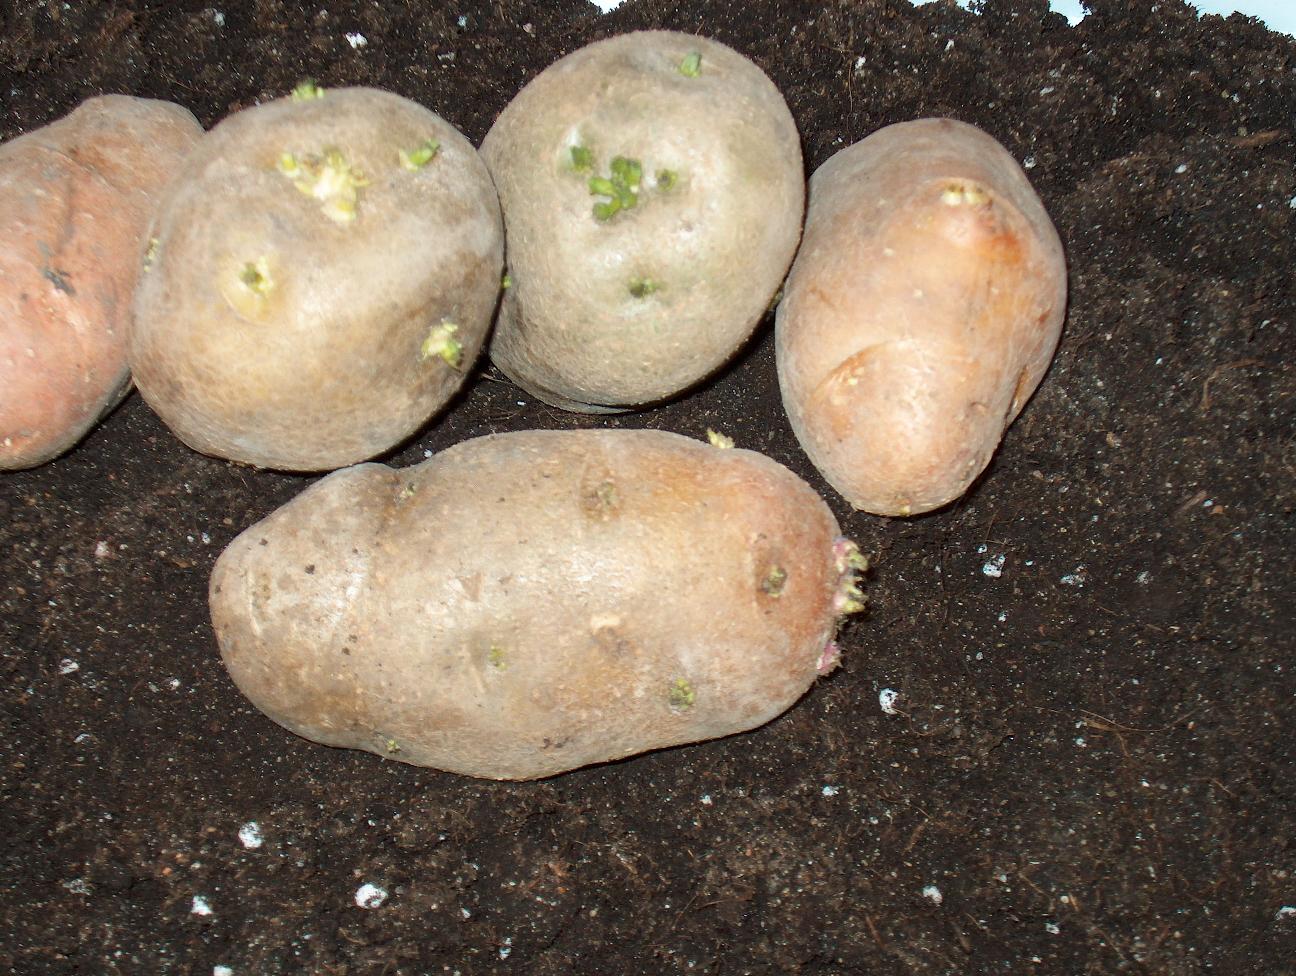 Картофель: виды, где лучше сажать, процесс выращивания + 84 фото